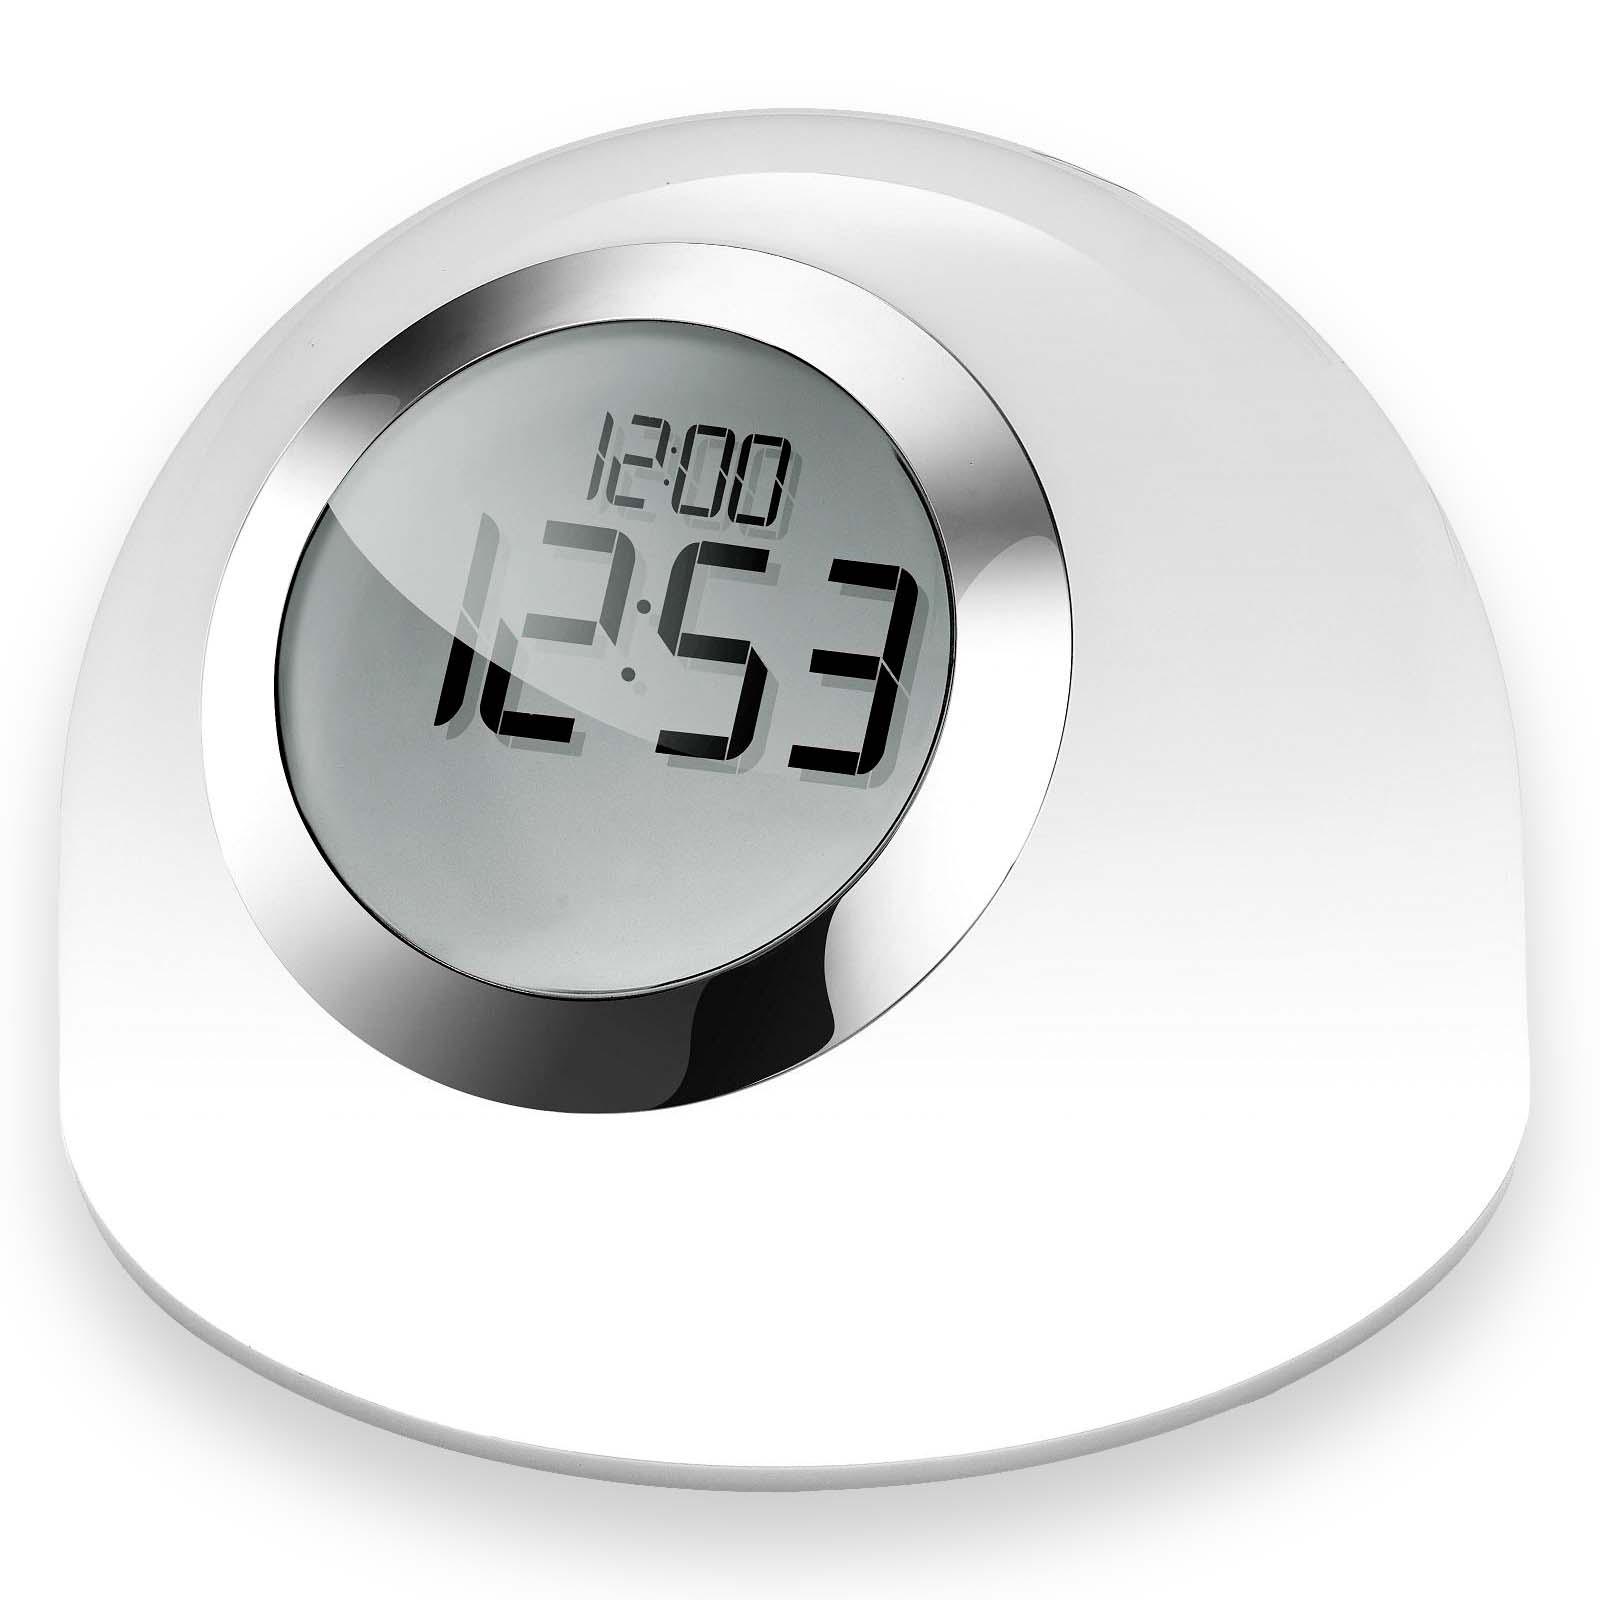 ESTO Nachttischleuchte CLOCK 722020